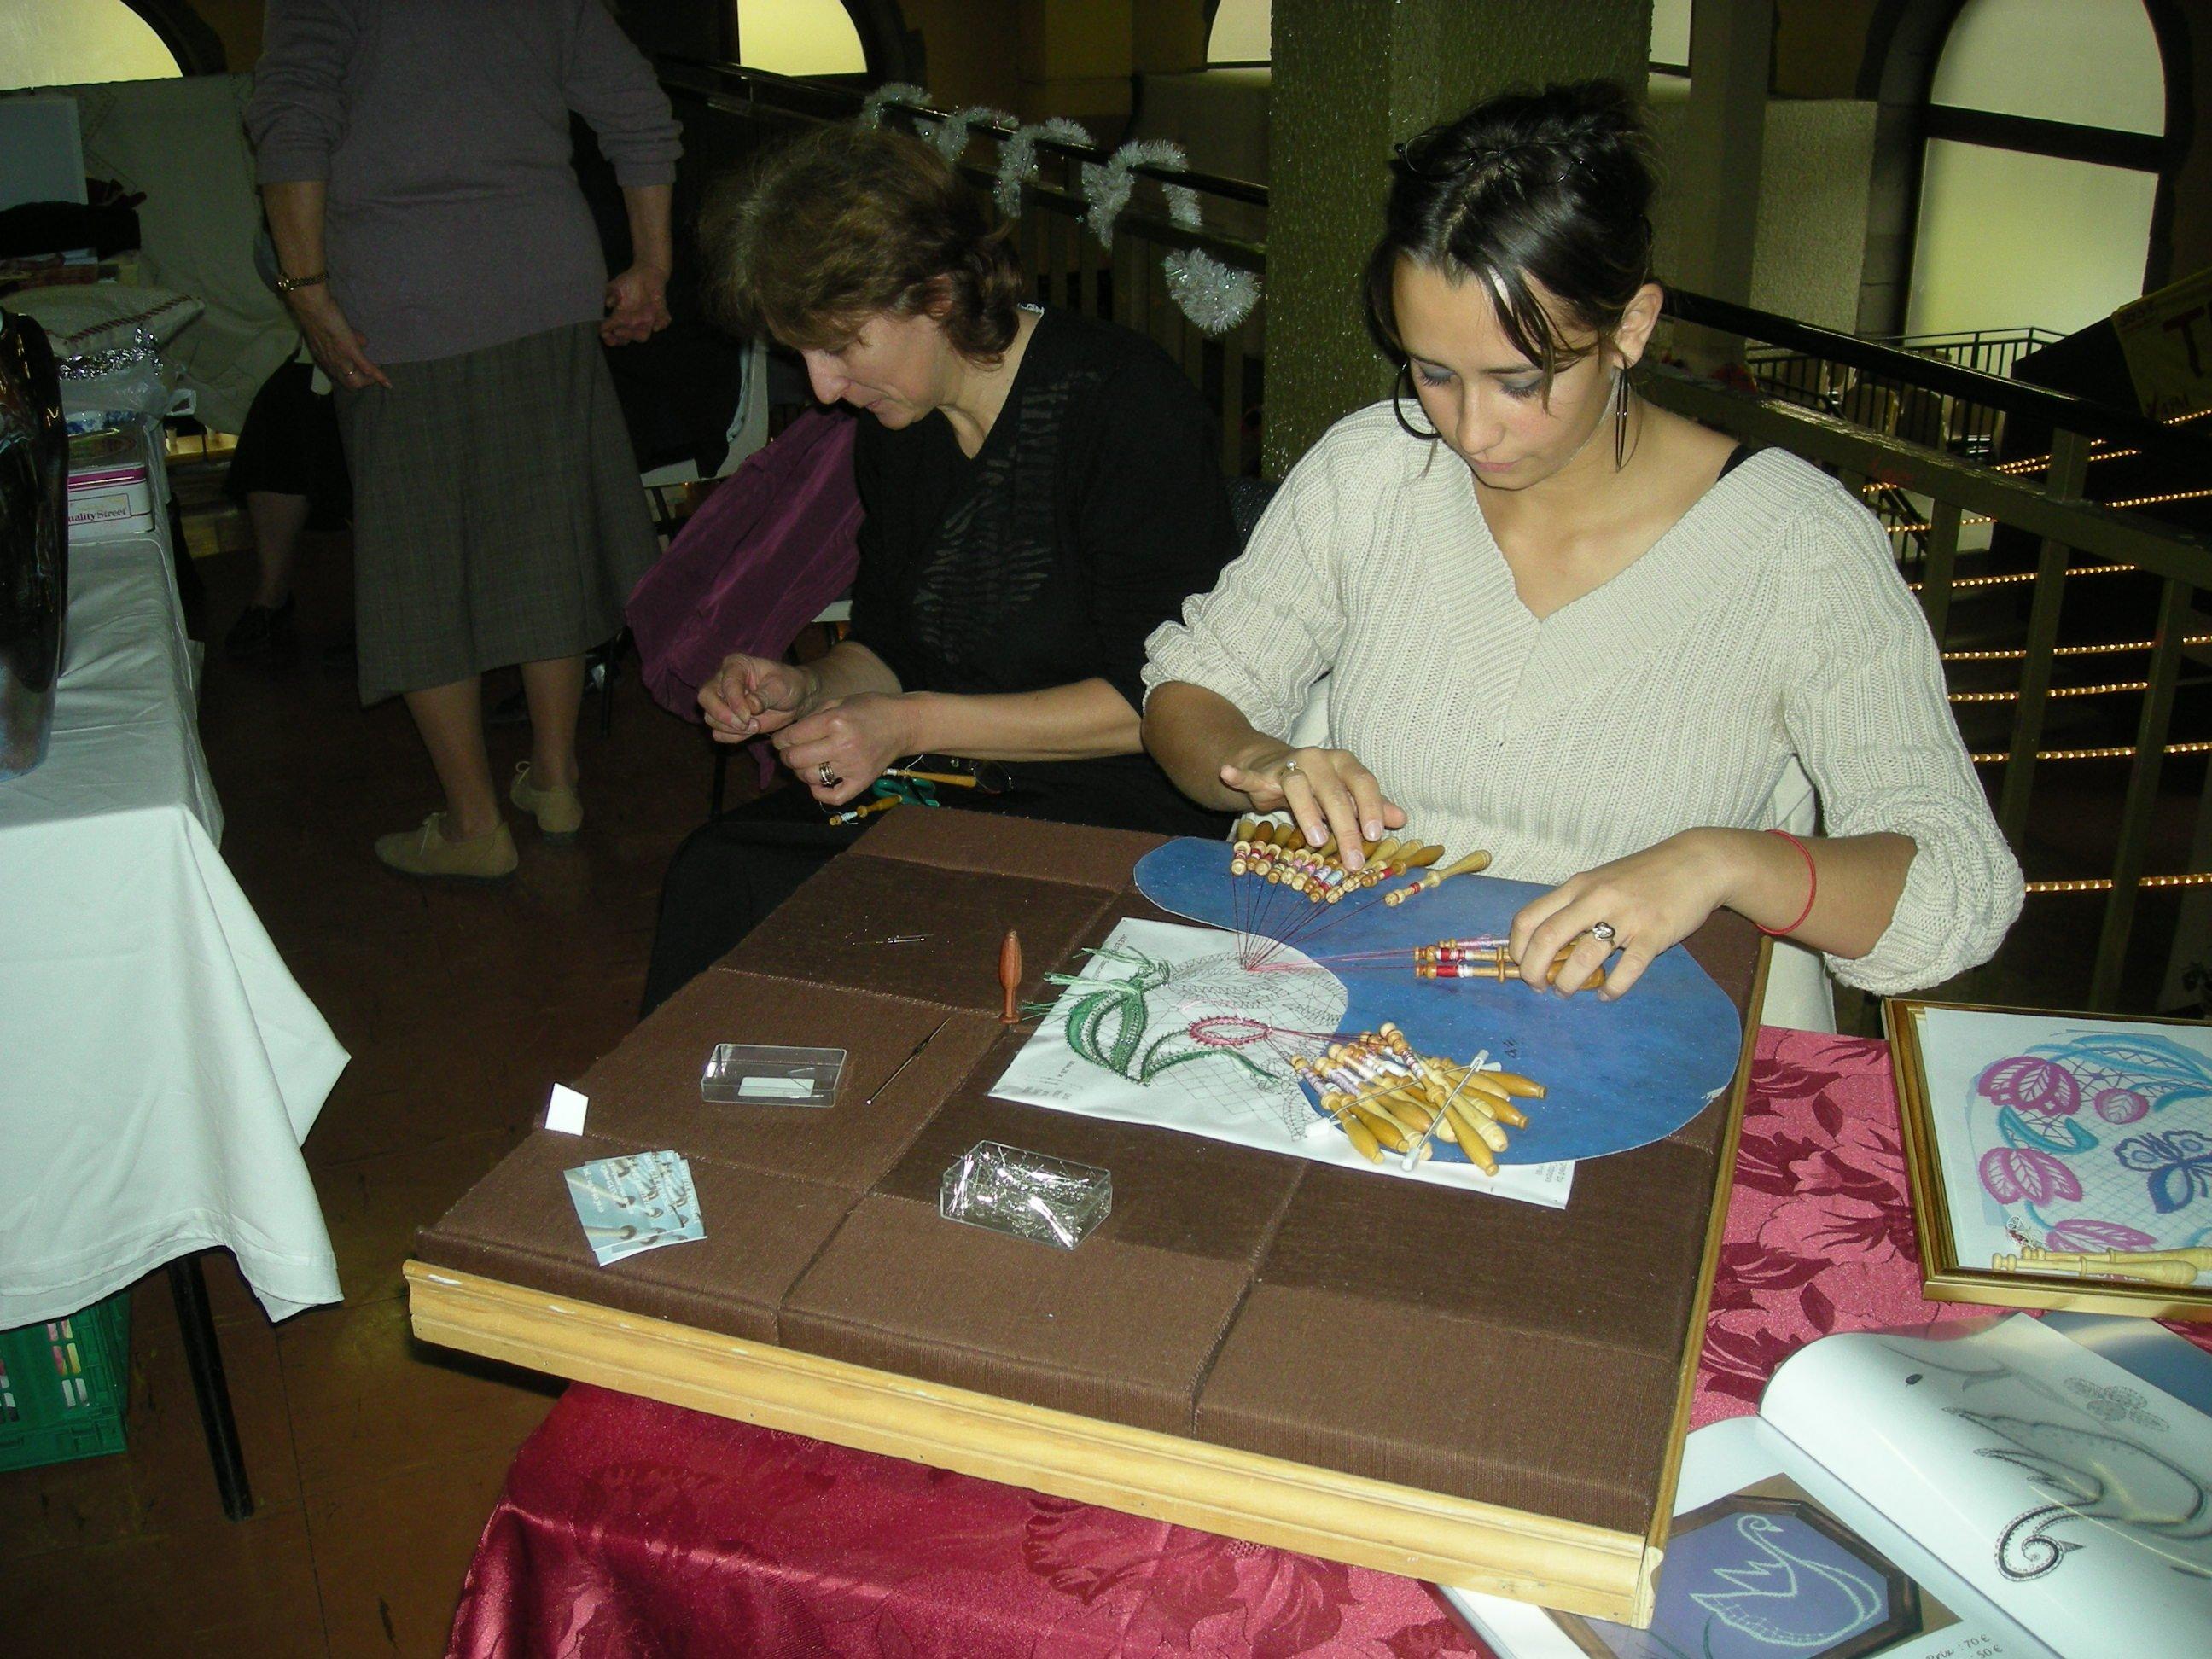 L'édition 2009 du mlarché de Noël accueillera davantage d'exposants